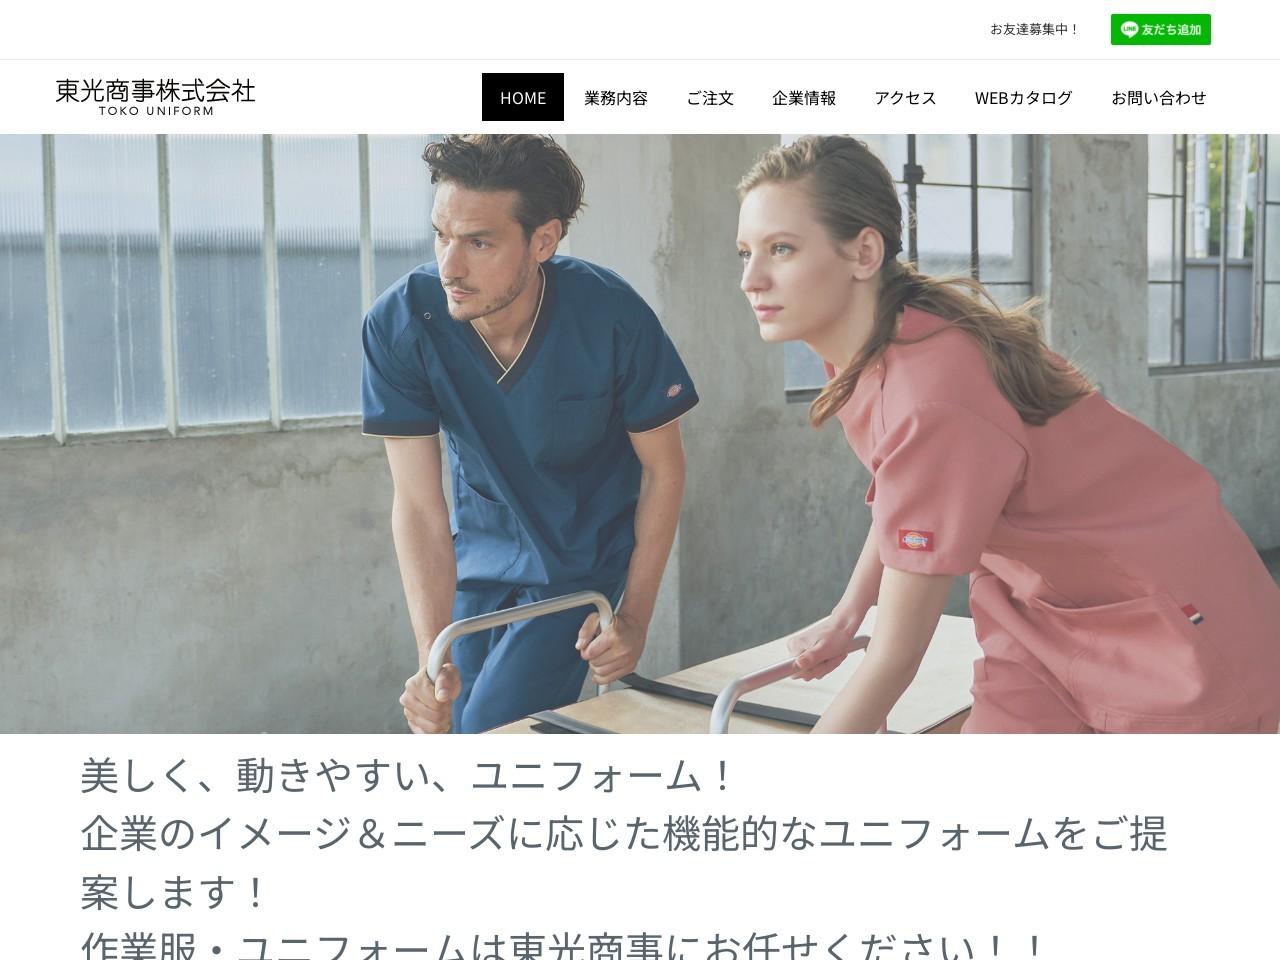 東光商事株式会社 | ワーキングユニフォームストア